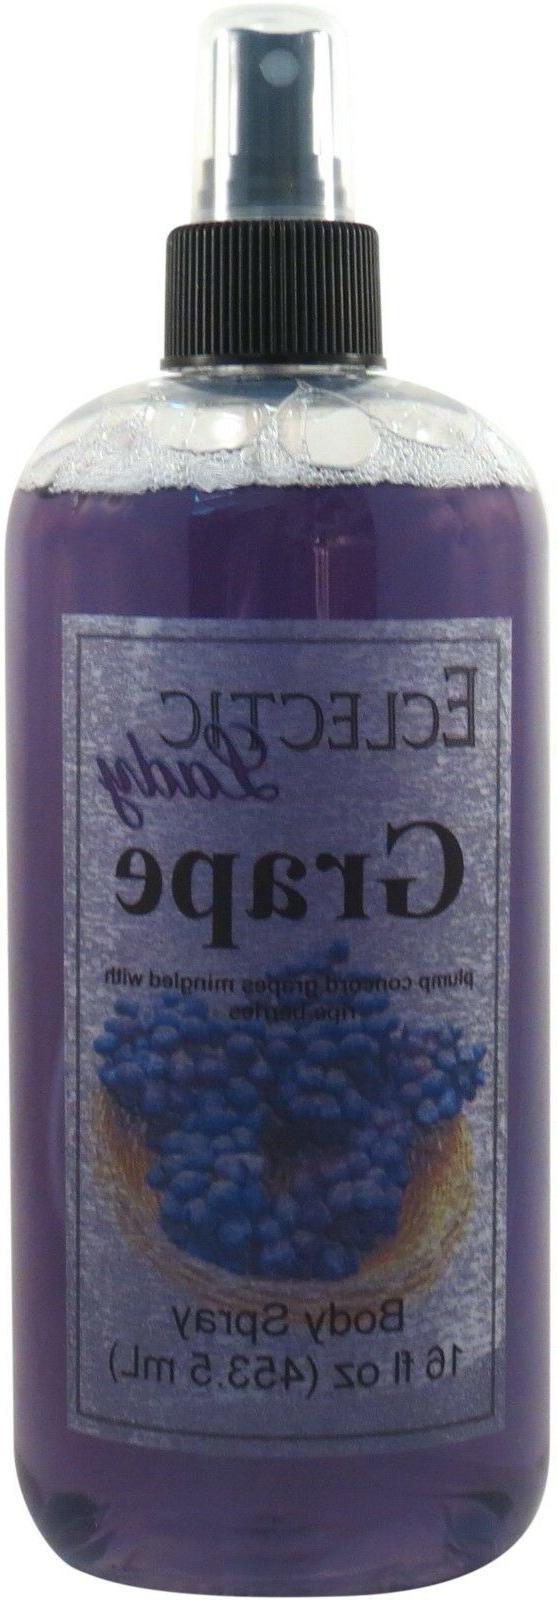 Grape Body